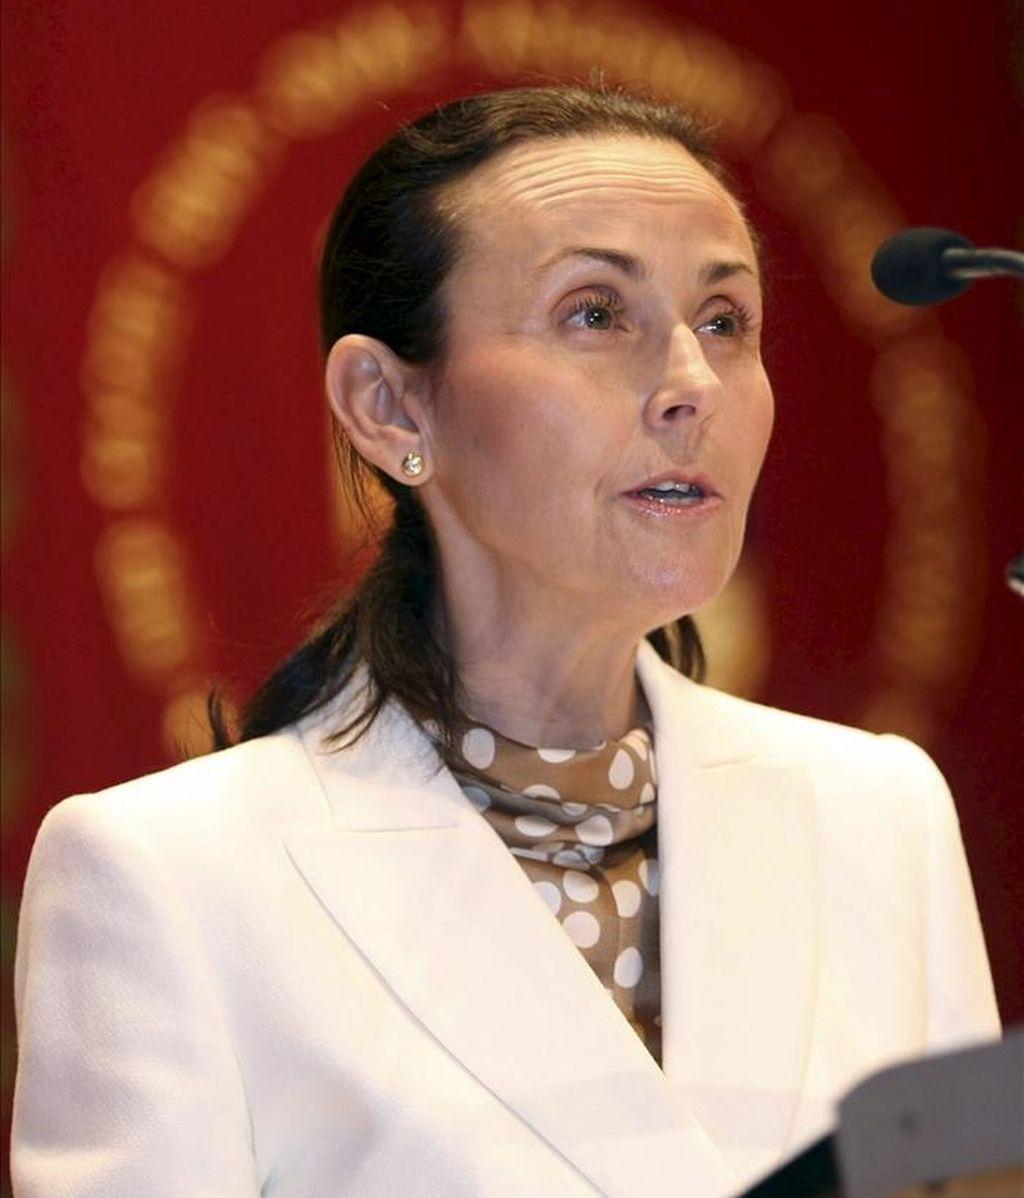 La presidenta del Tribunal Superior de Justicia de la Comunitat Valenciana (TSJCV), María Pilar de la Oliva. EFE/Archivo